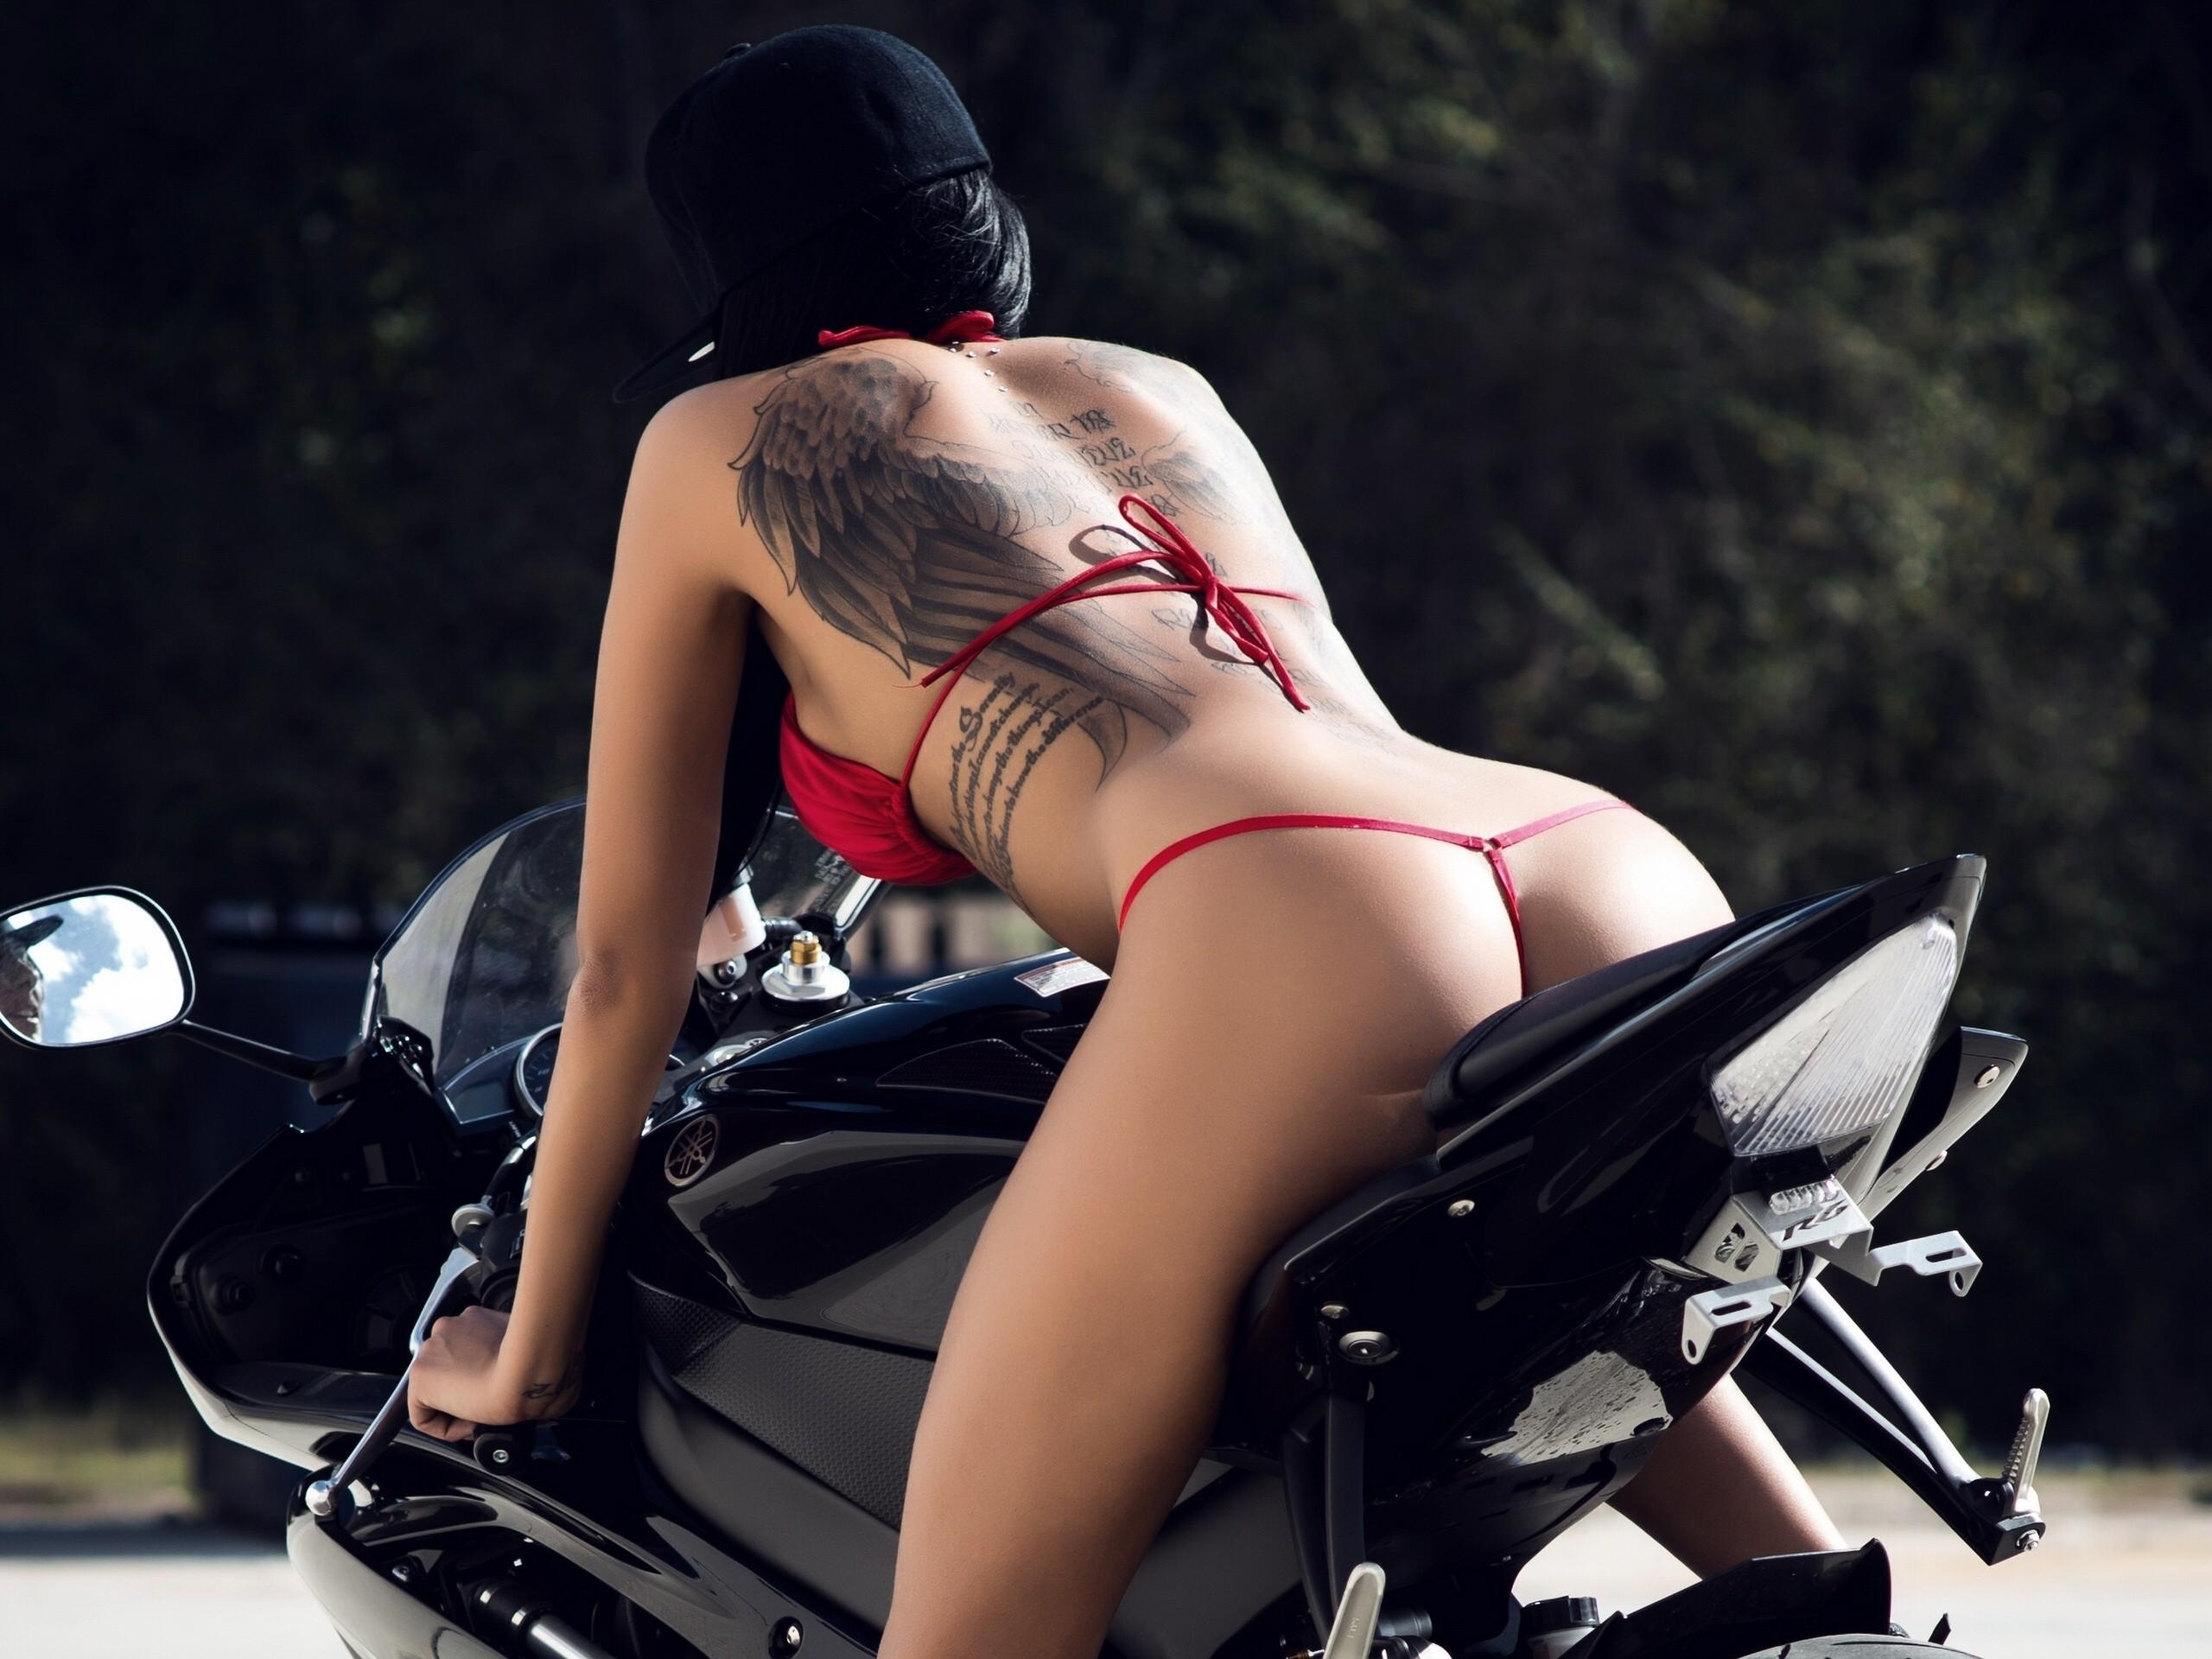 Men on motorbikes